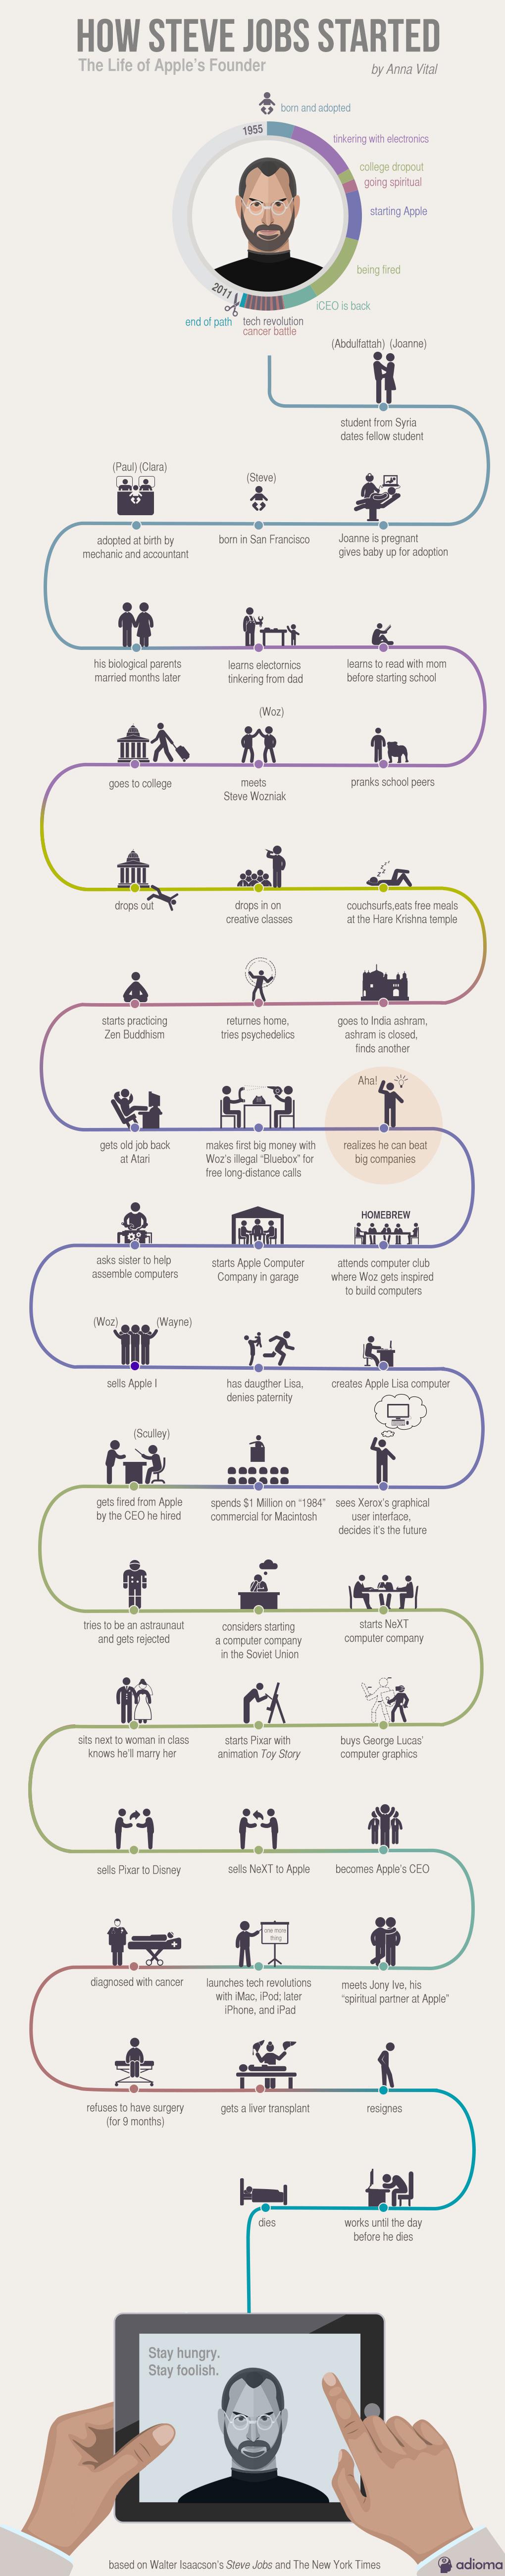 Infographic tijdlijn Steve Jobs